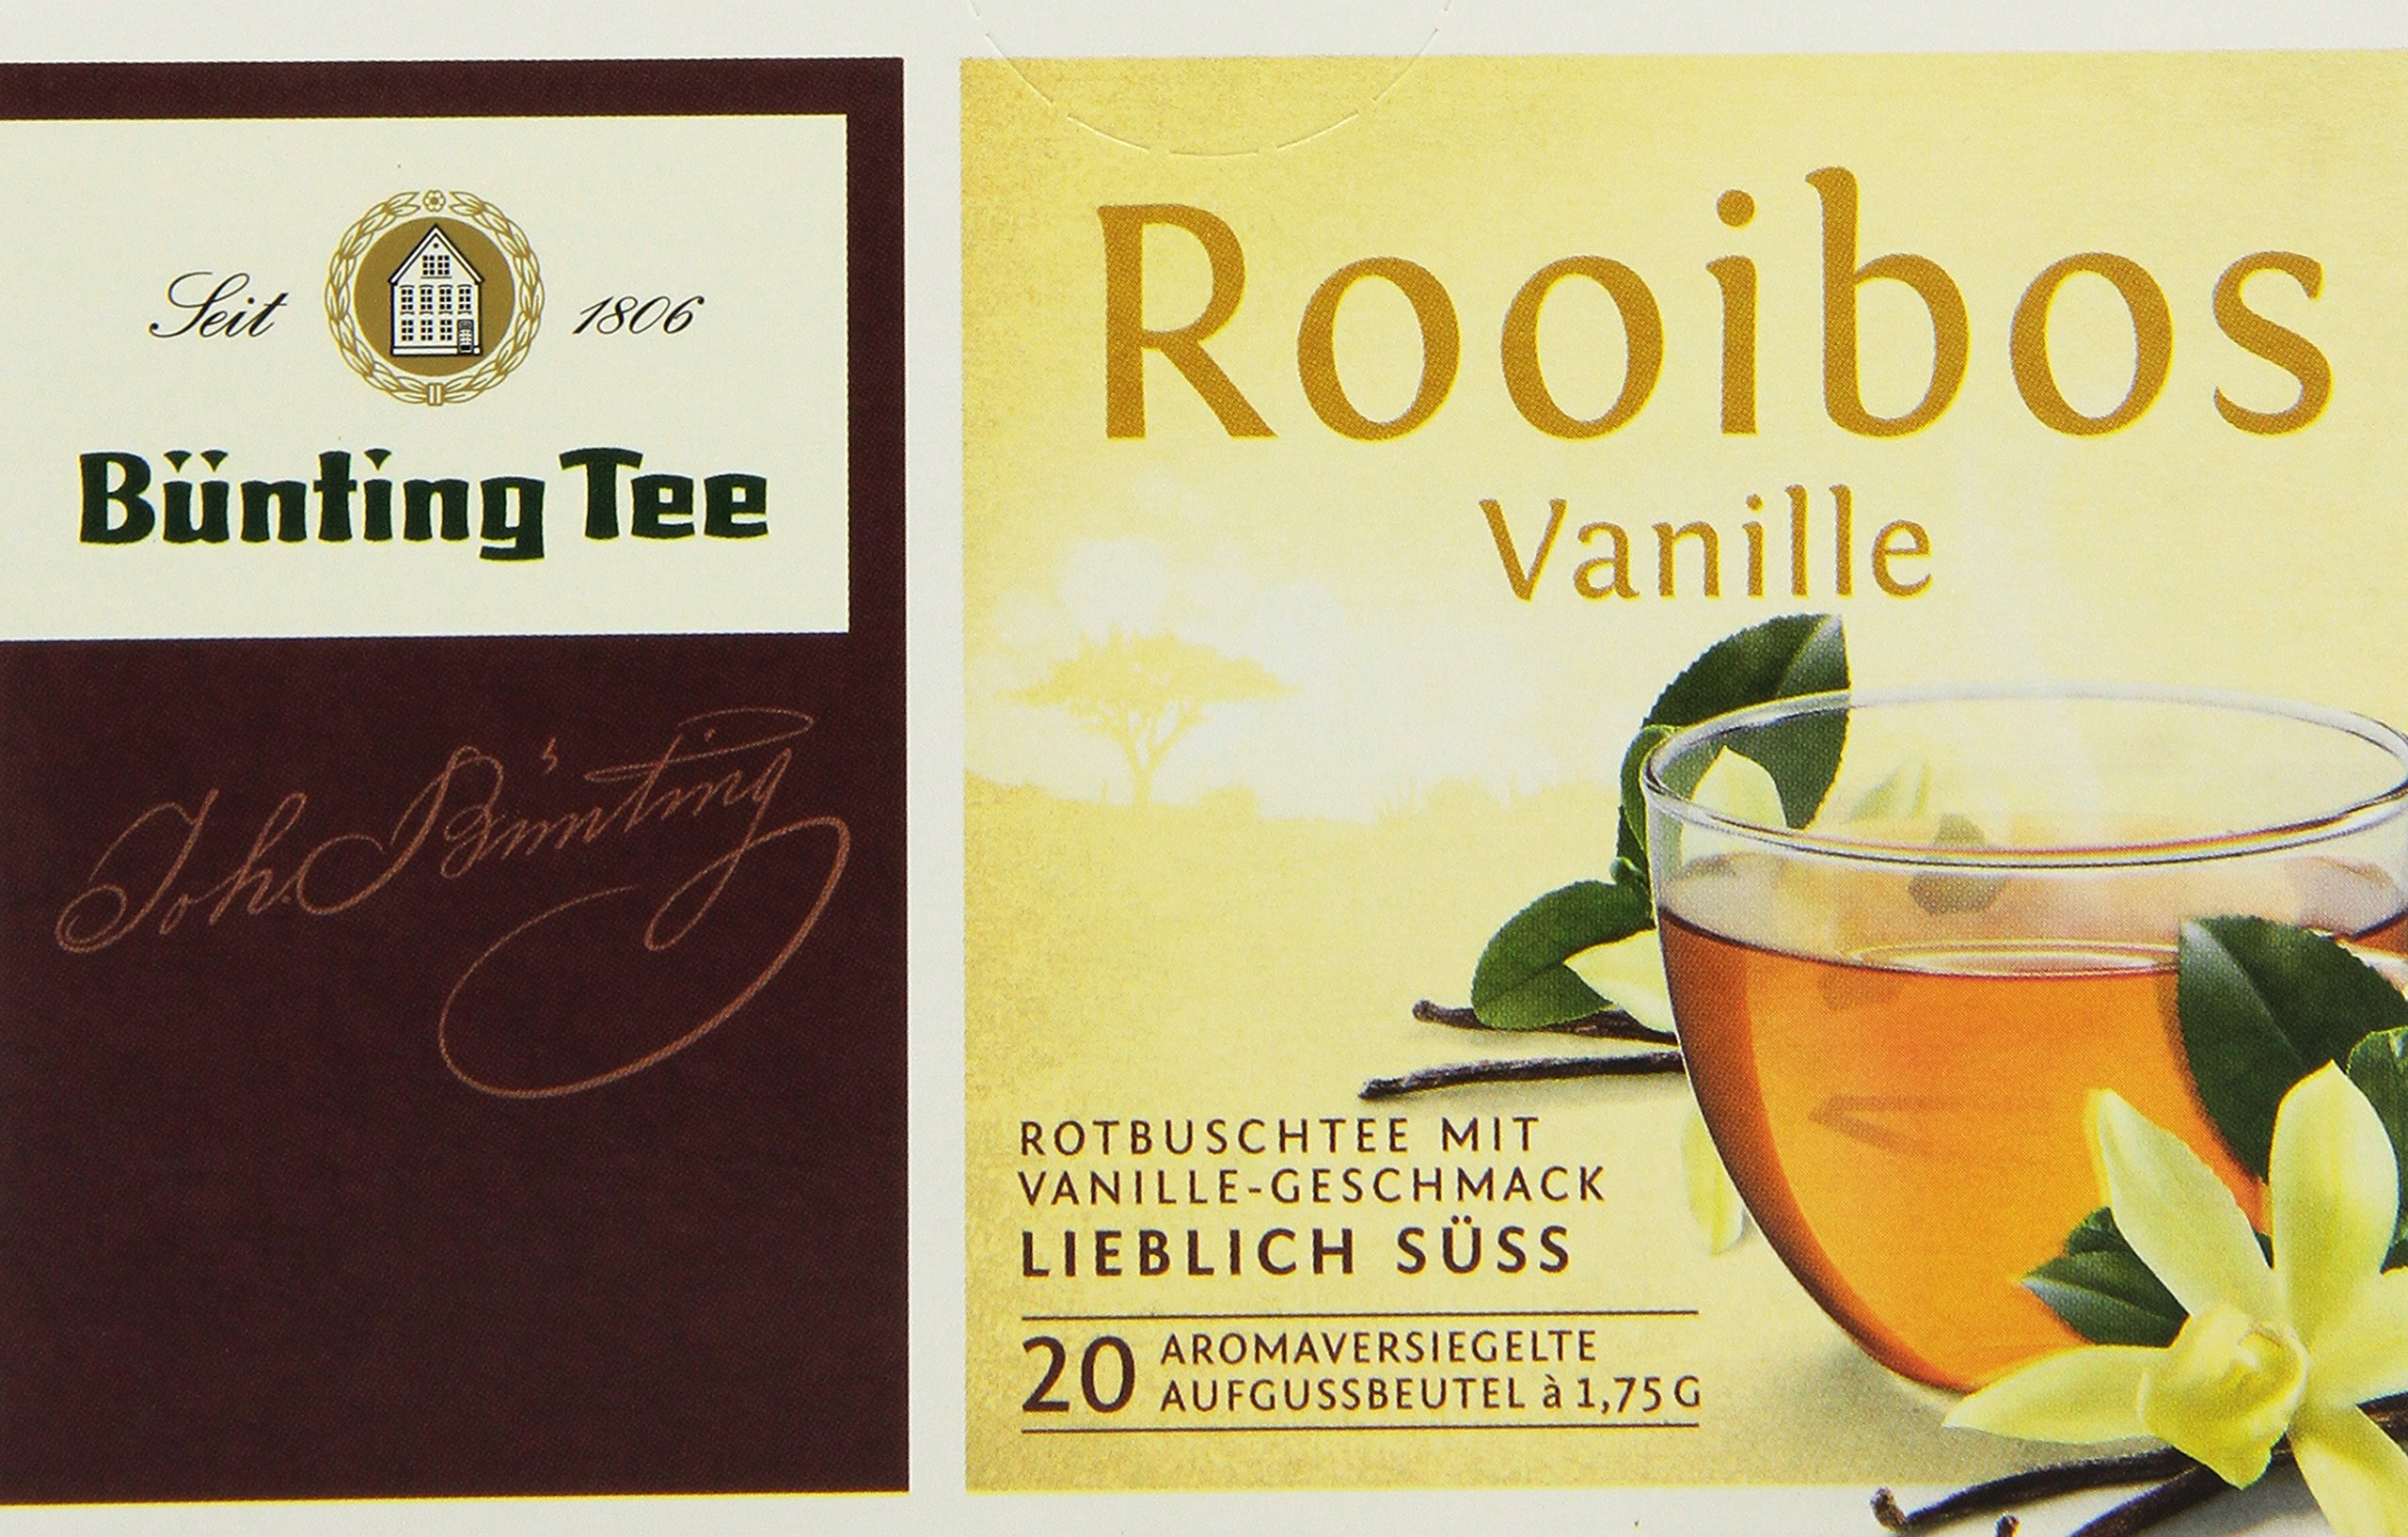 Bnting-Tee-Rooibos-Vanille-20×175-g-Beutel-12er-Pack-12-x-35-g